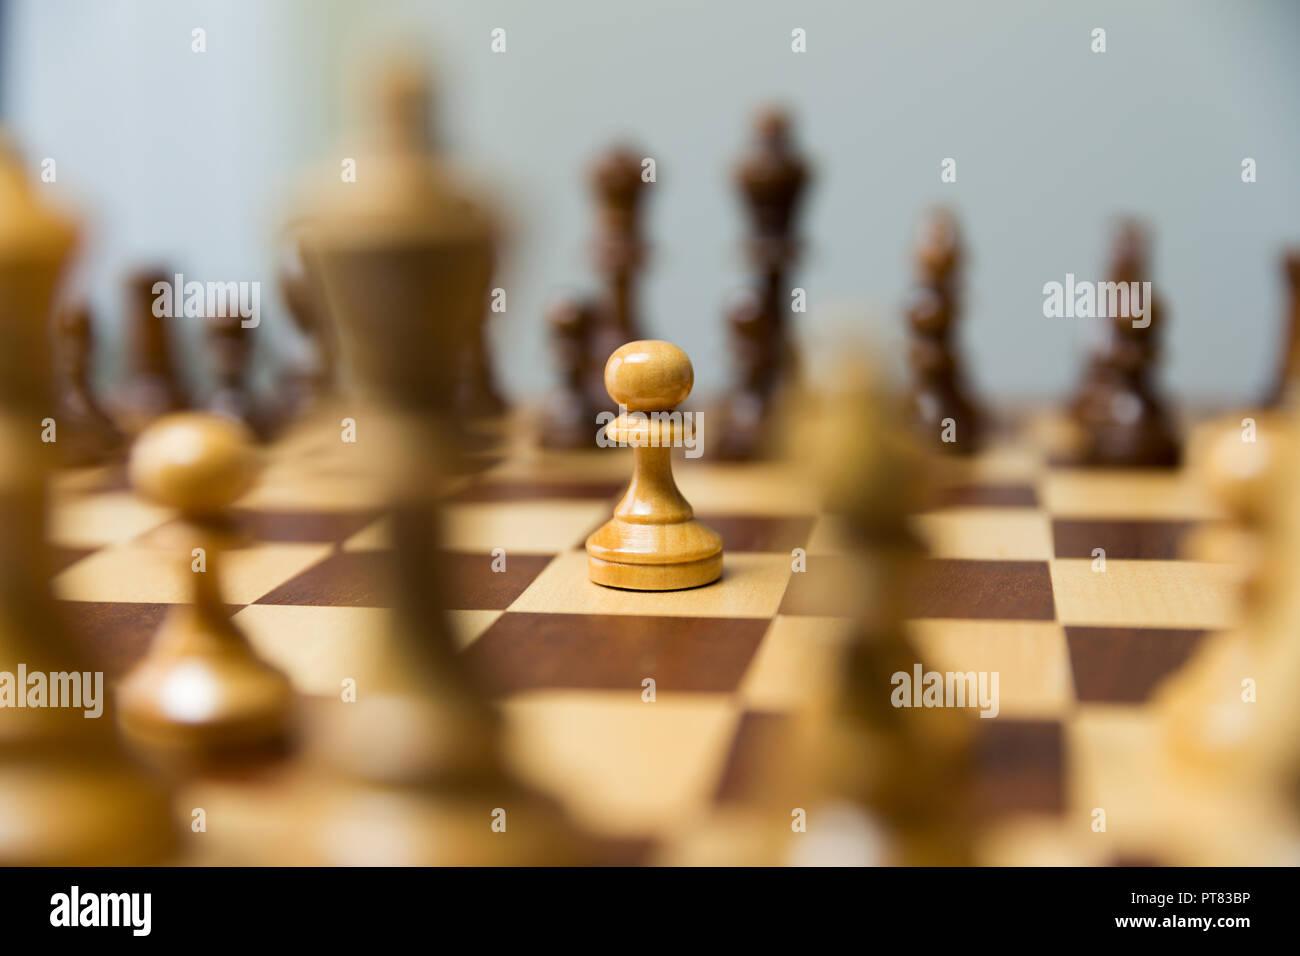 Peón de pie en medio de un tablero de ajedrez. La valentía y el liderazgo del concepto. Imagen De Stock